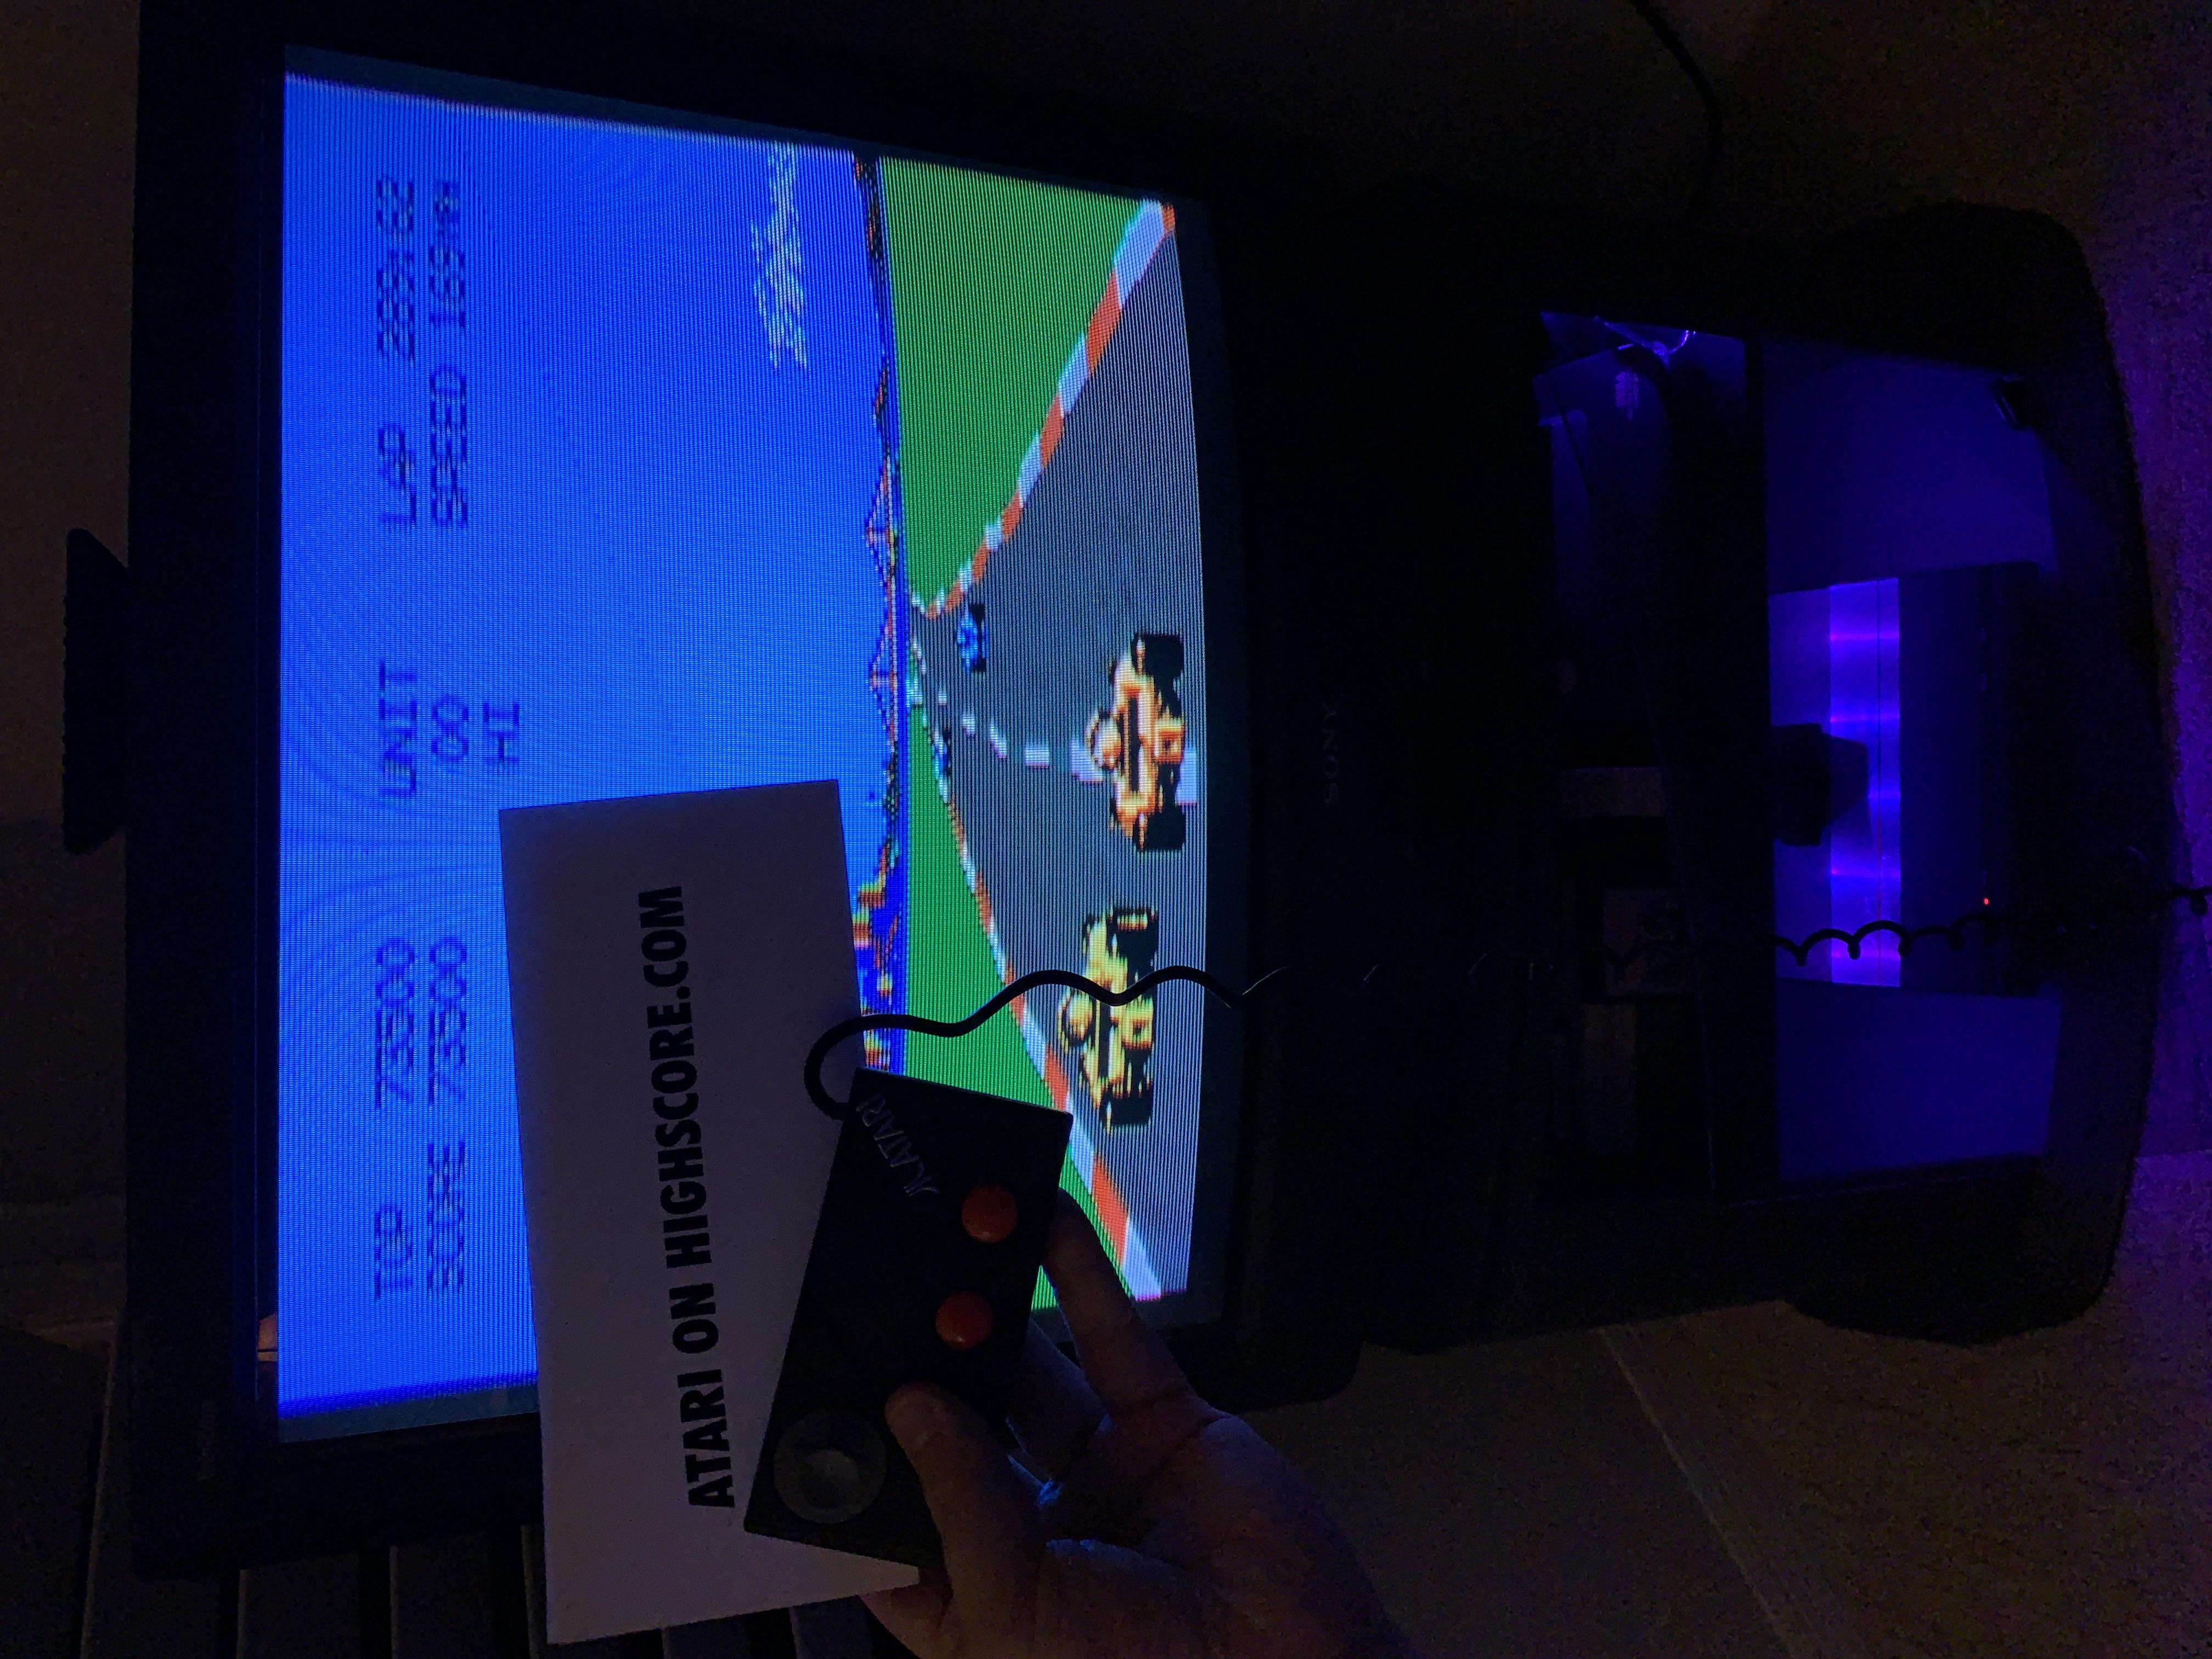 Atari: Pole Position 2: Seaside (Atari 7800) 73,500 points on 2020-09-06 01:52:58